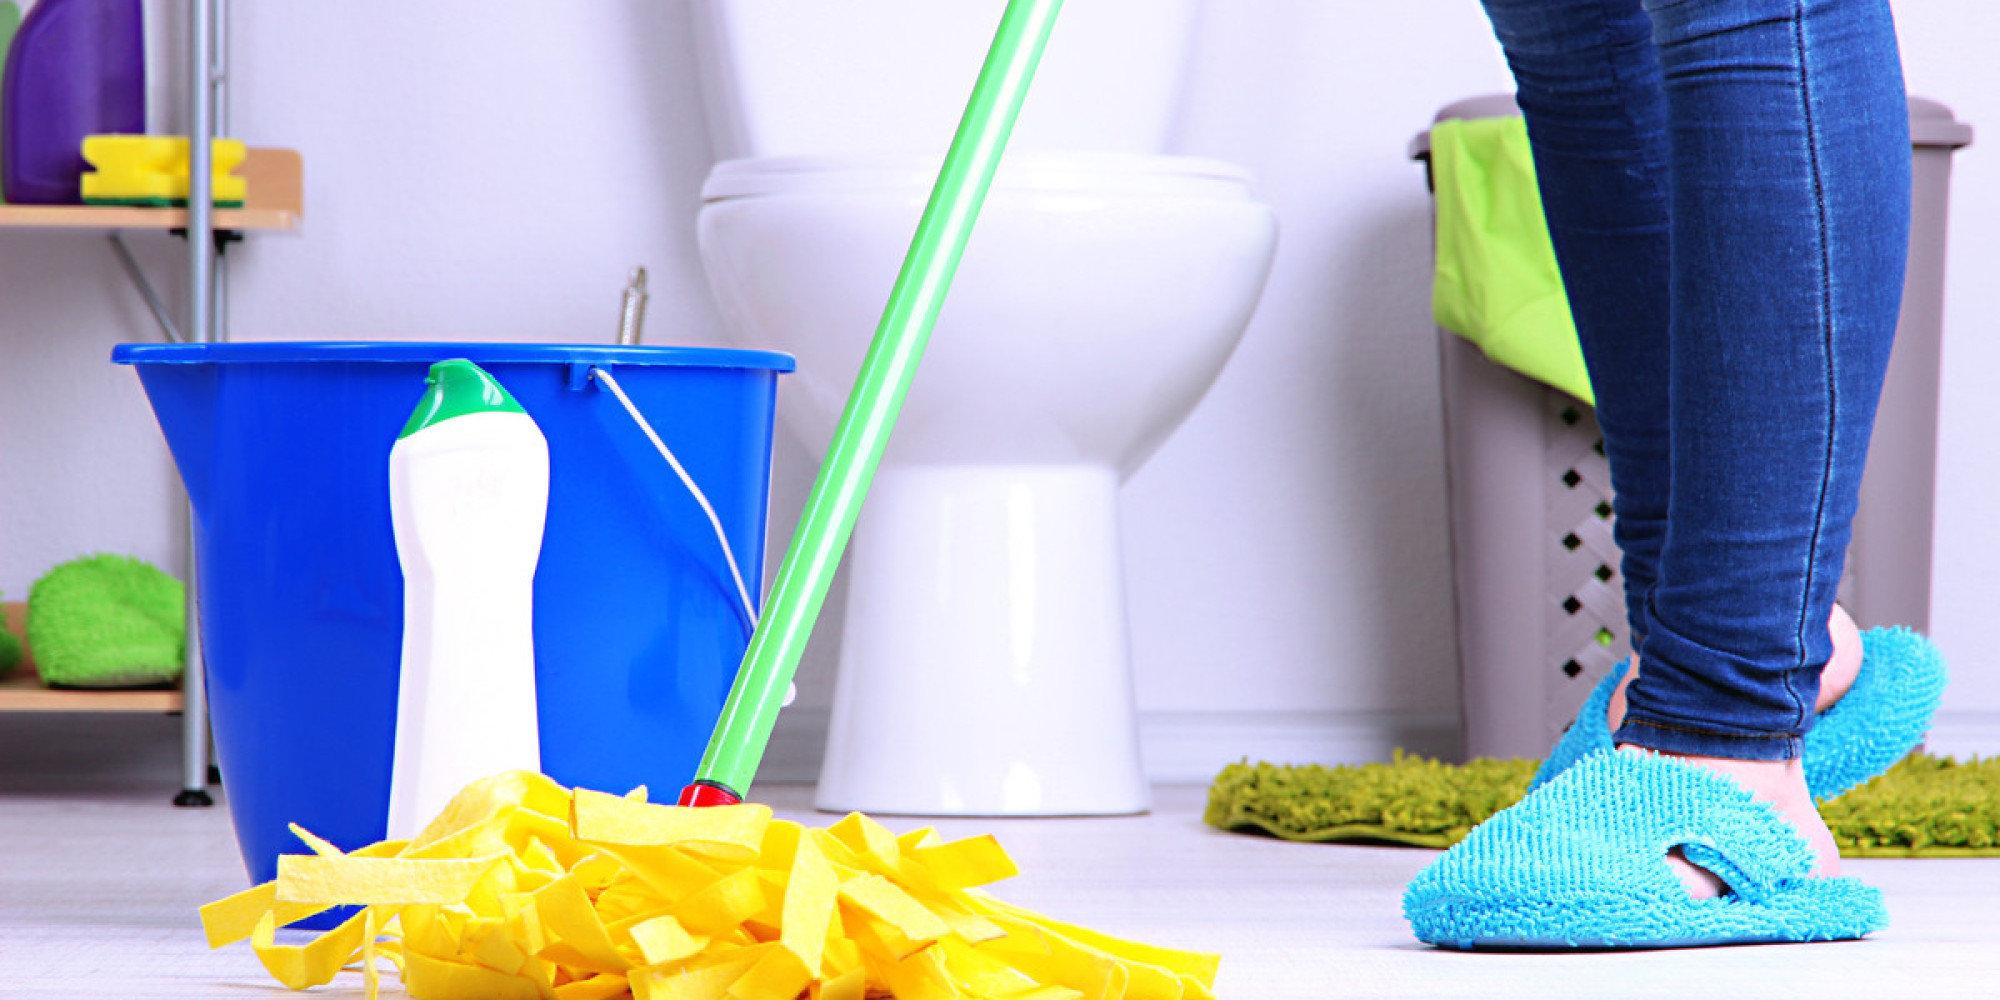 بالصور تنظيف منازل , اهميه تنظيف المنزل 5083 4